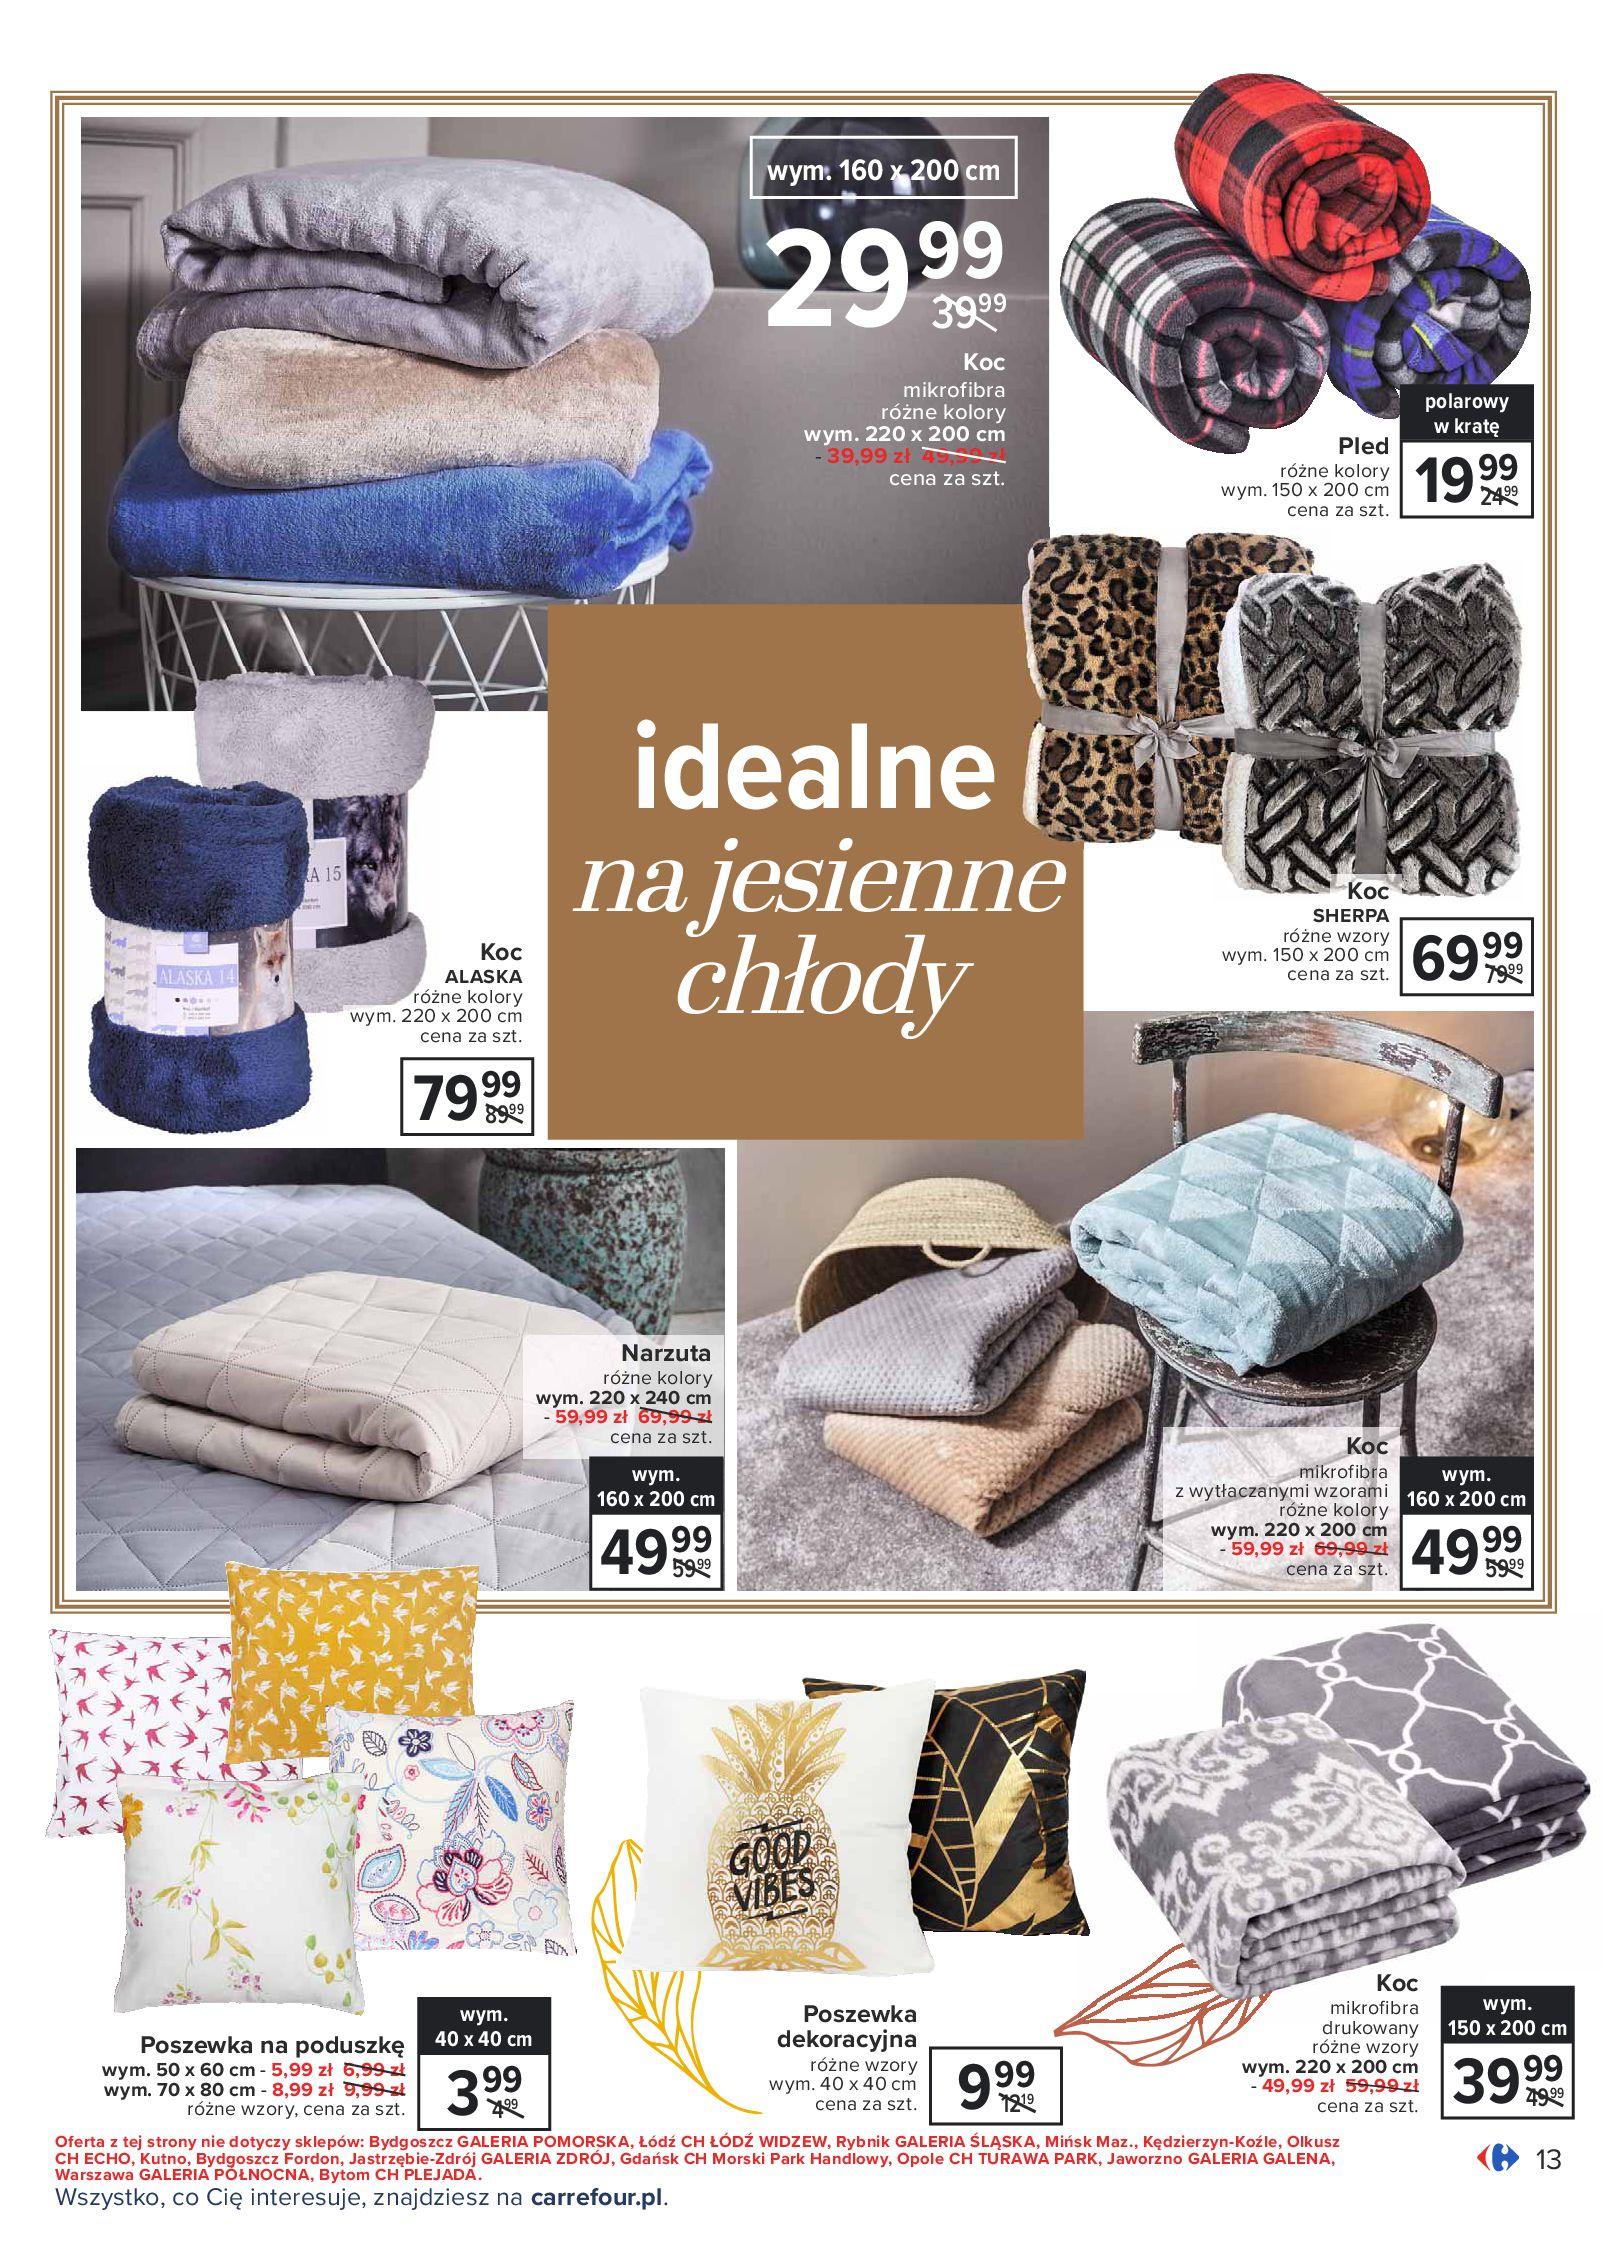 Gazetka Carrefour: Gazetka Carrefour - Dom gotowy na Jesień! 2021-09-14 page-13